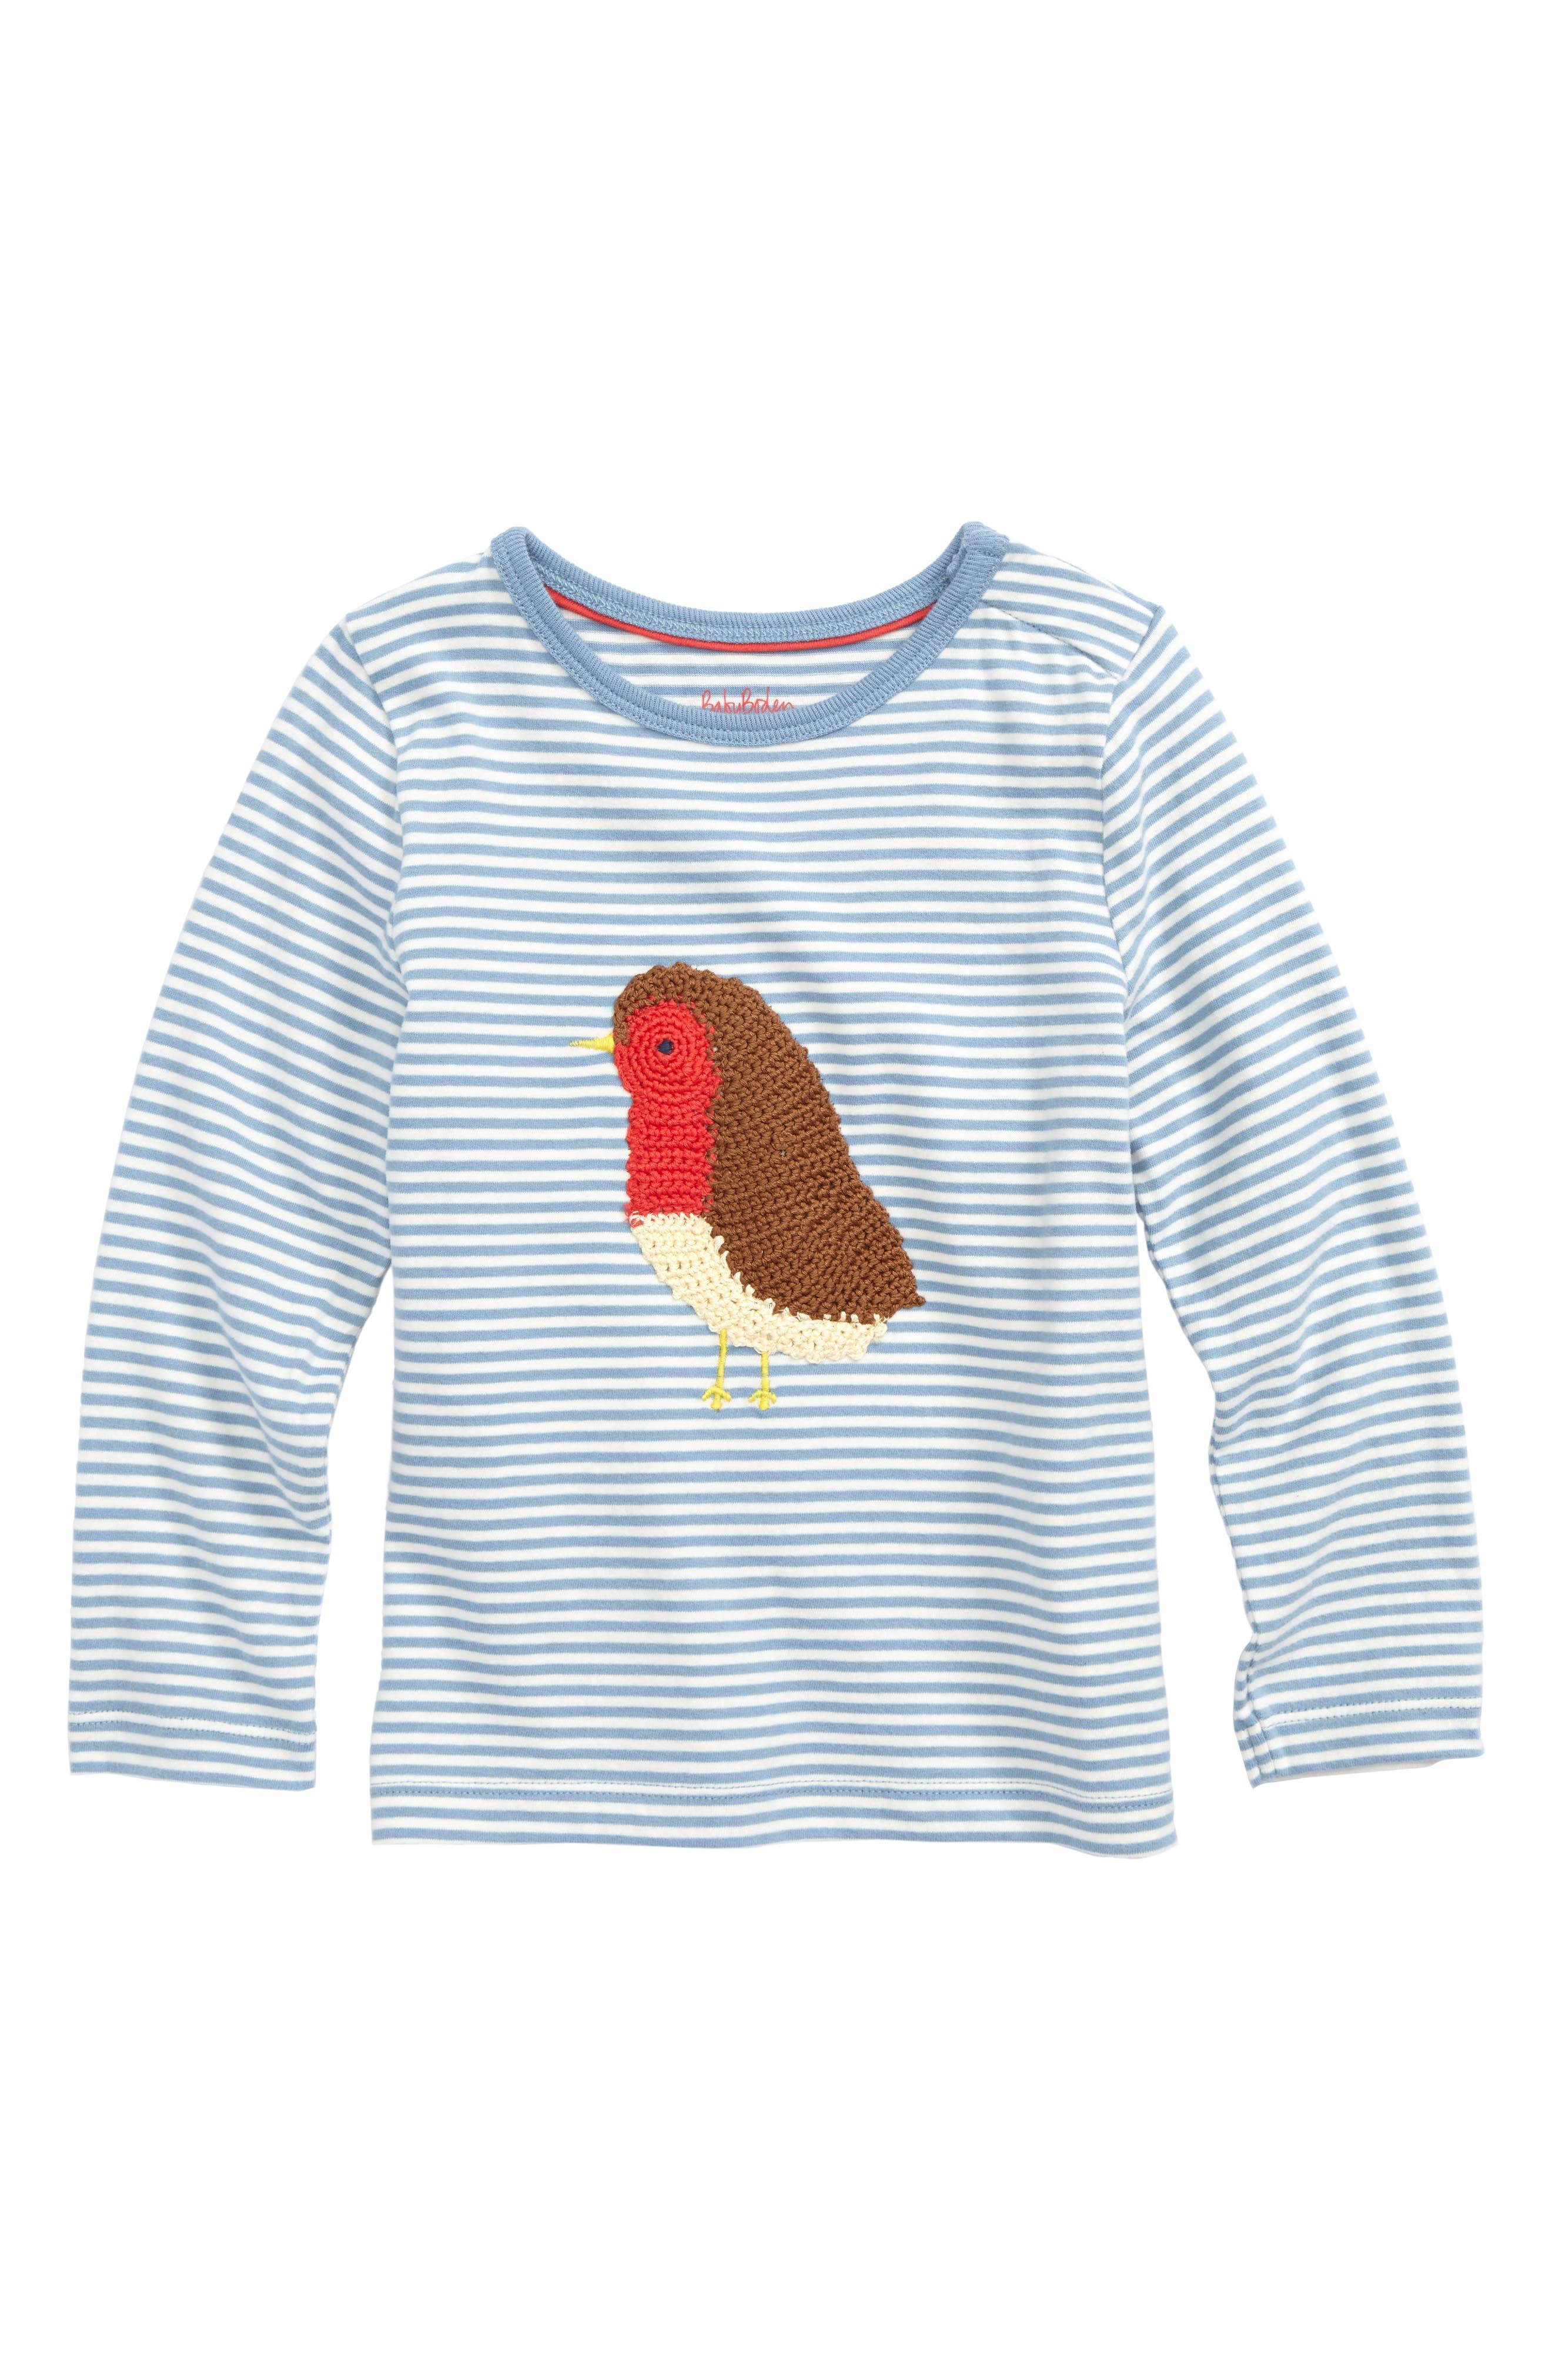 Alternate Image 1 Selected - Mini Boden Crochet Bird Stripe T-Shirt (Baby & Toddler)